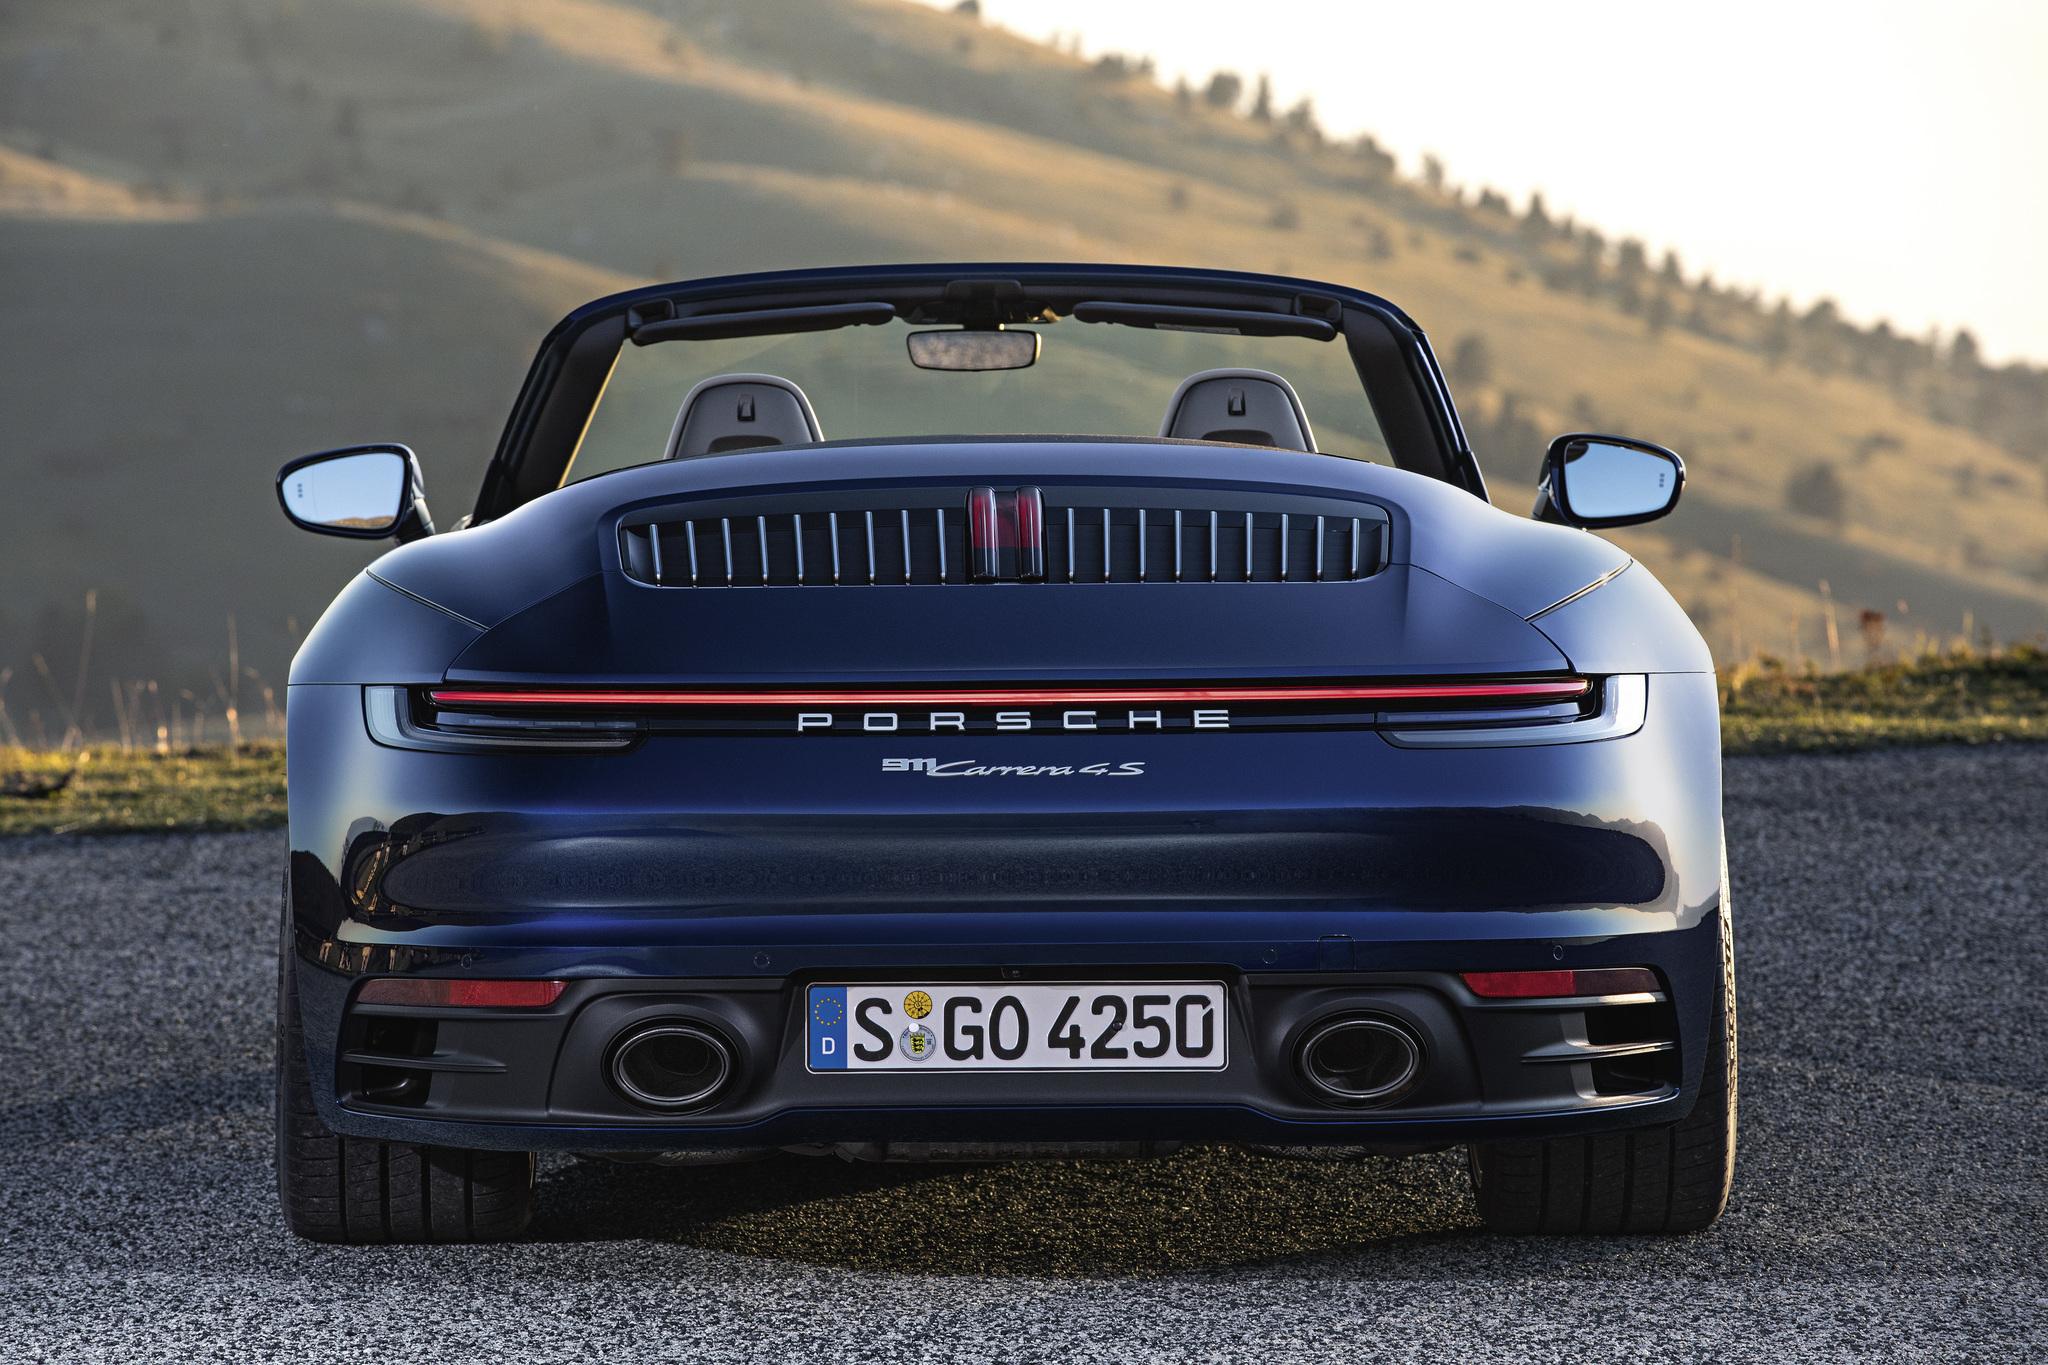 70b79cc98402 Tampoco gusta a muchos fanáticos del 911 que se utilice un cuadro de  instrumentos digital